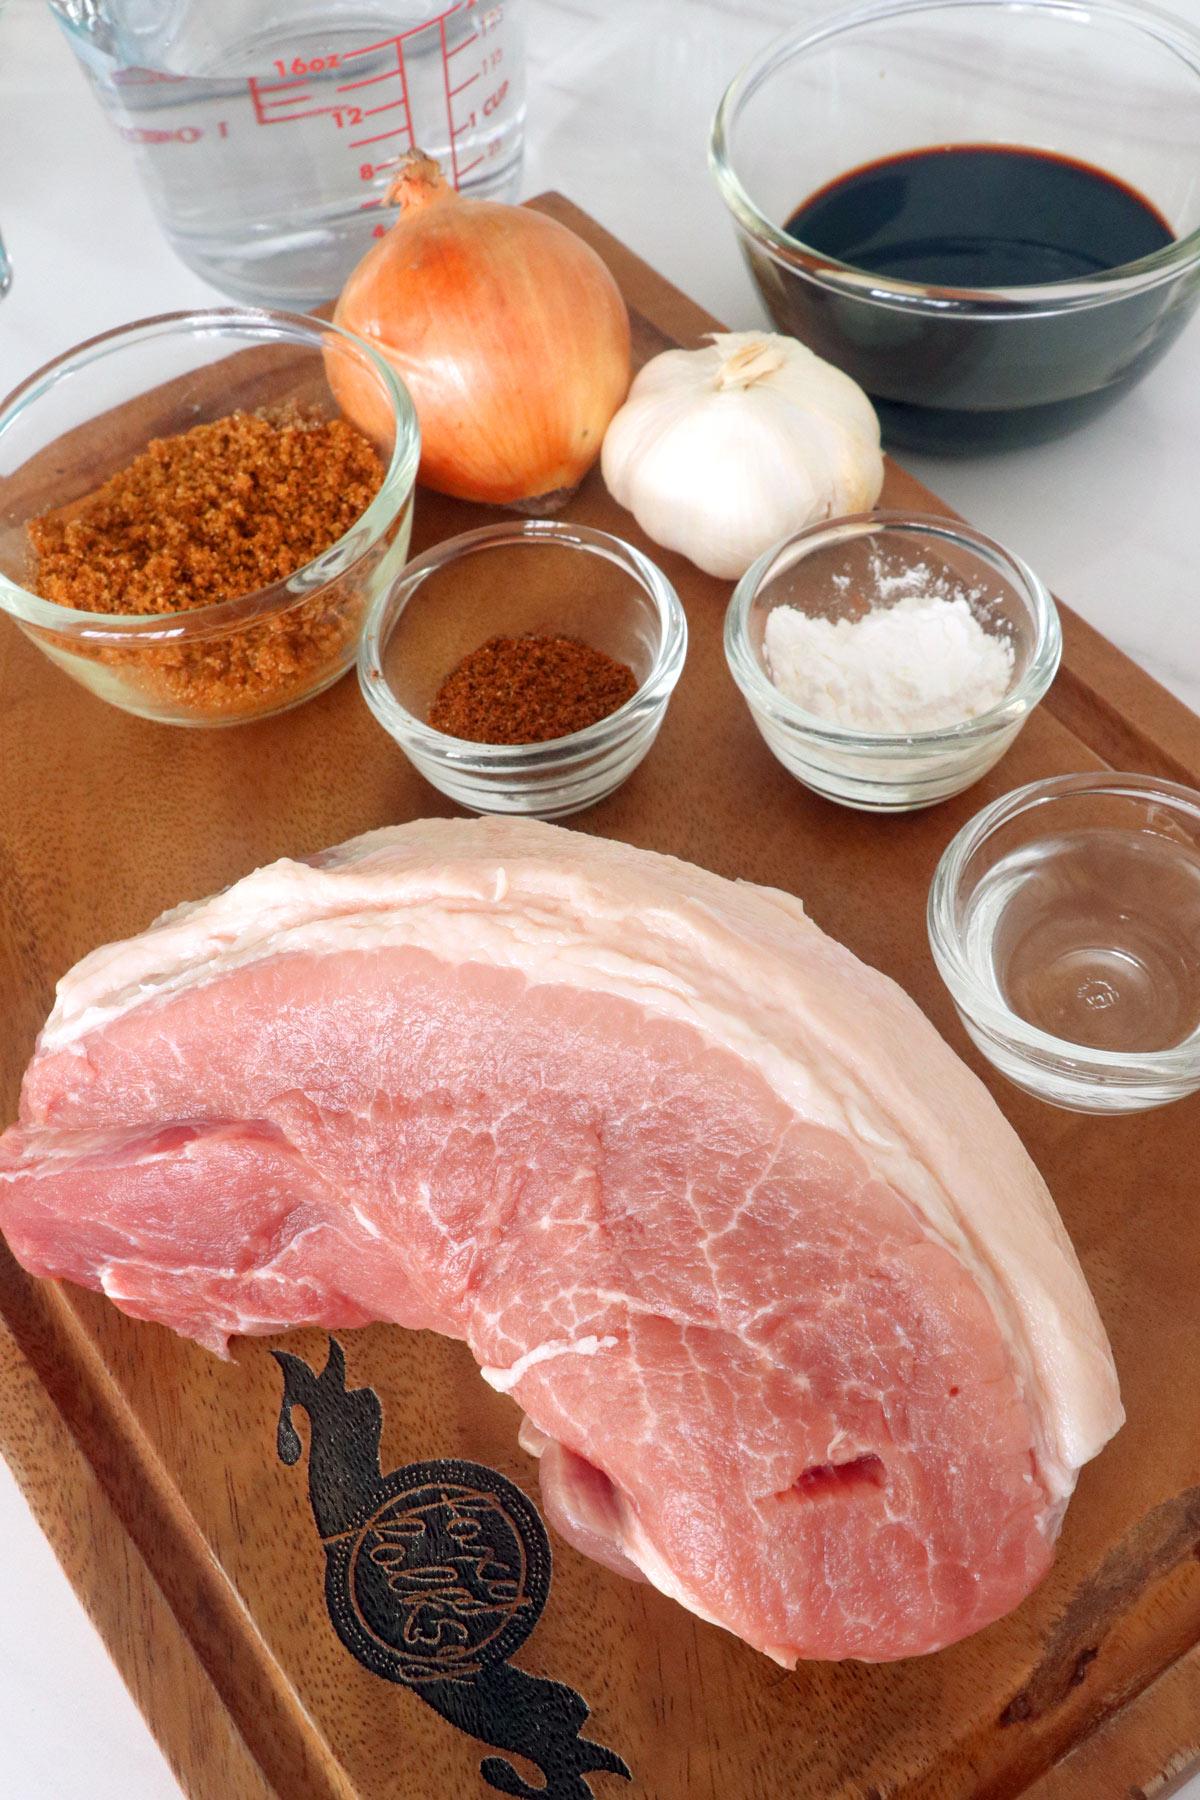 Ingredients for Pork Asado